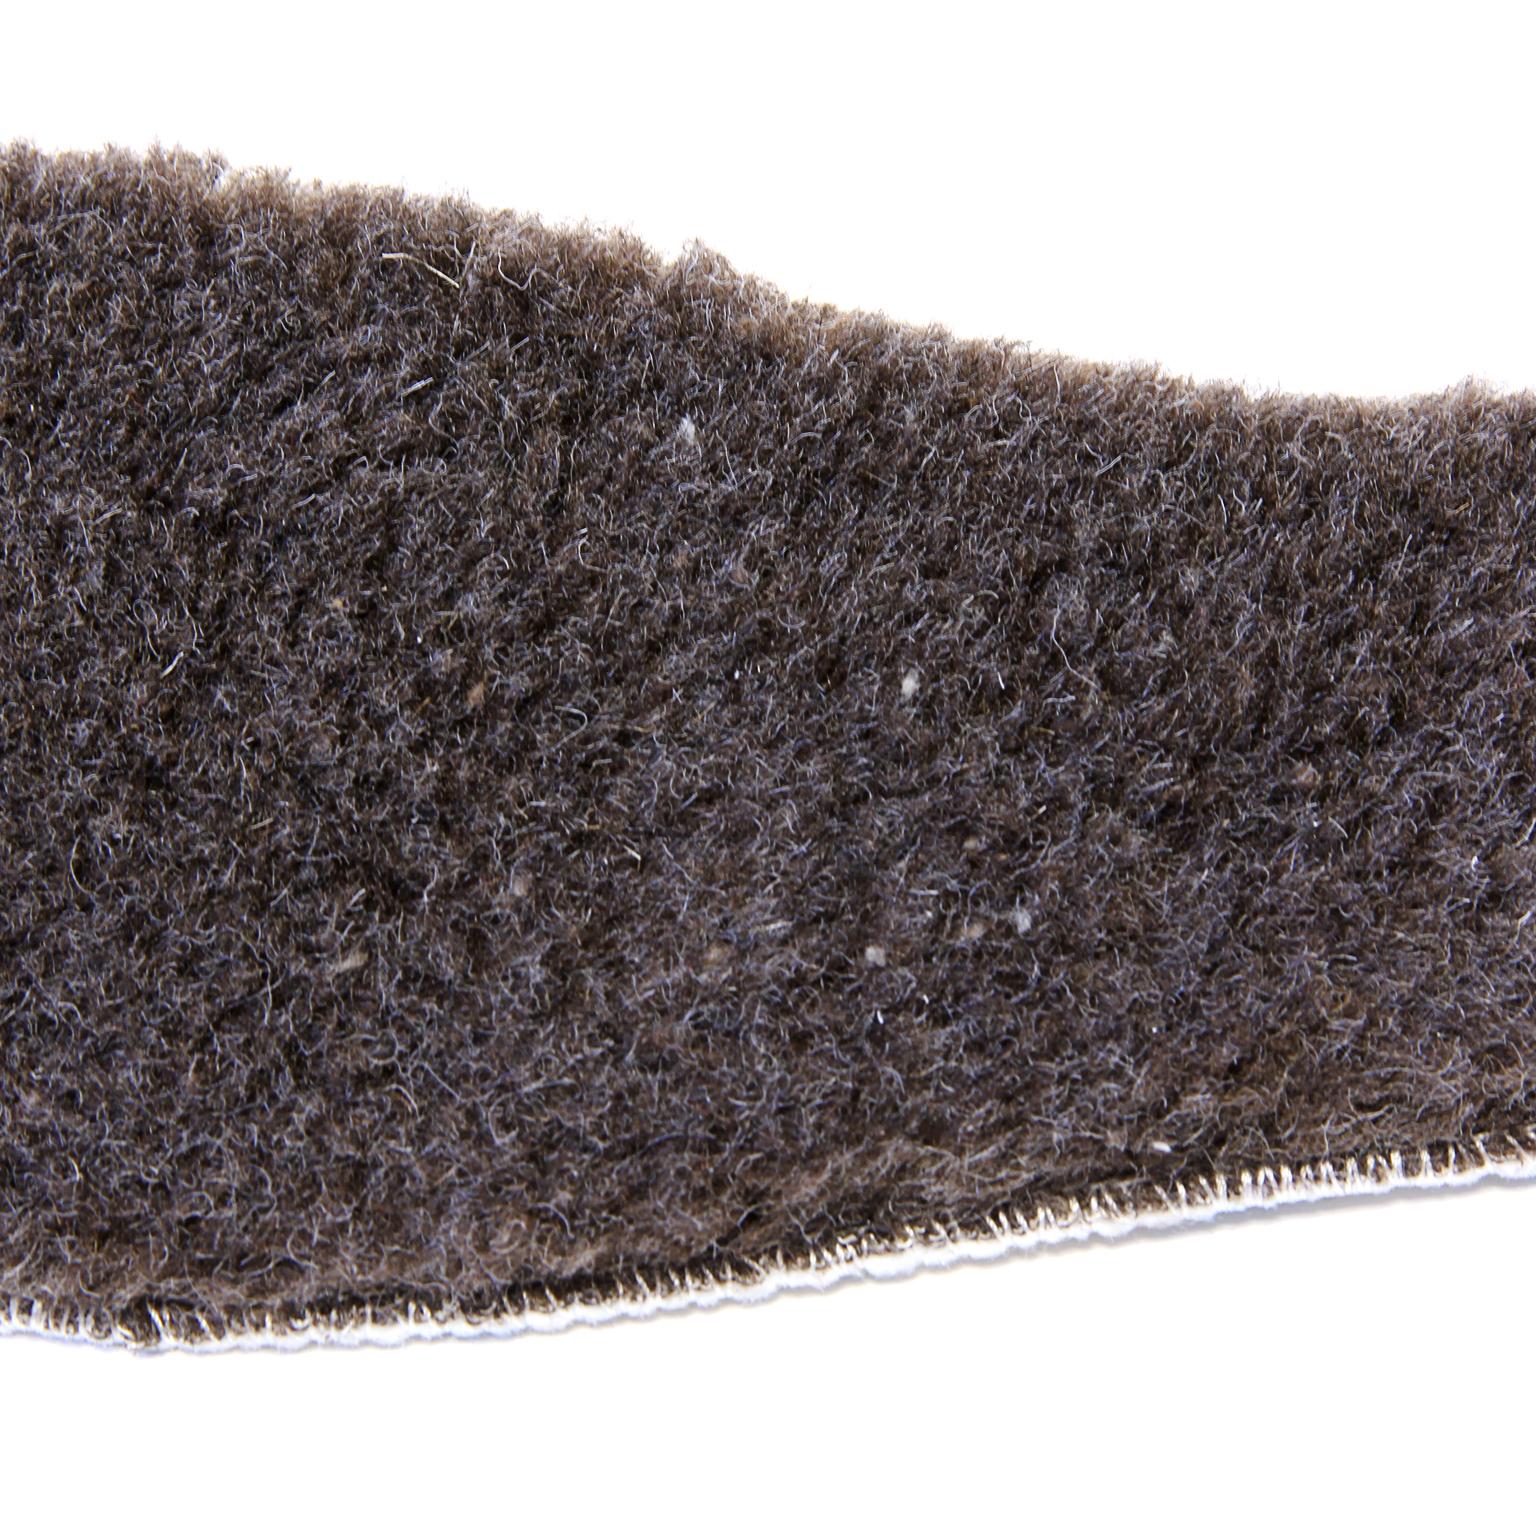 Drysole+ (зимняя сухая стелька) больших размеров марки Делфино